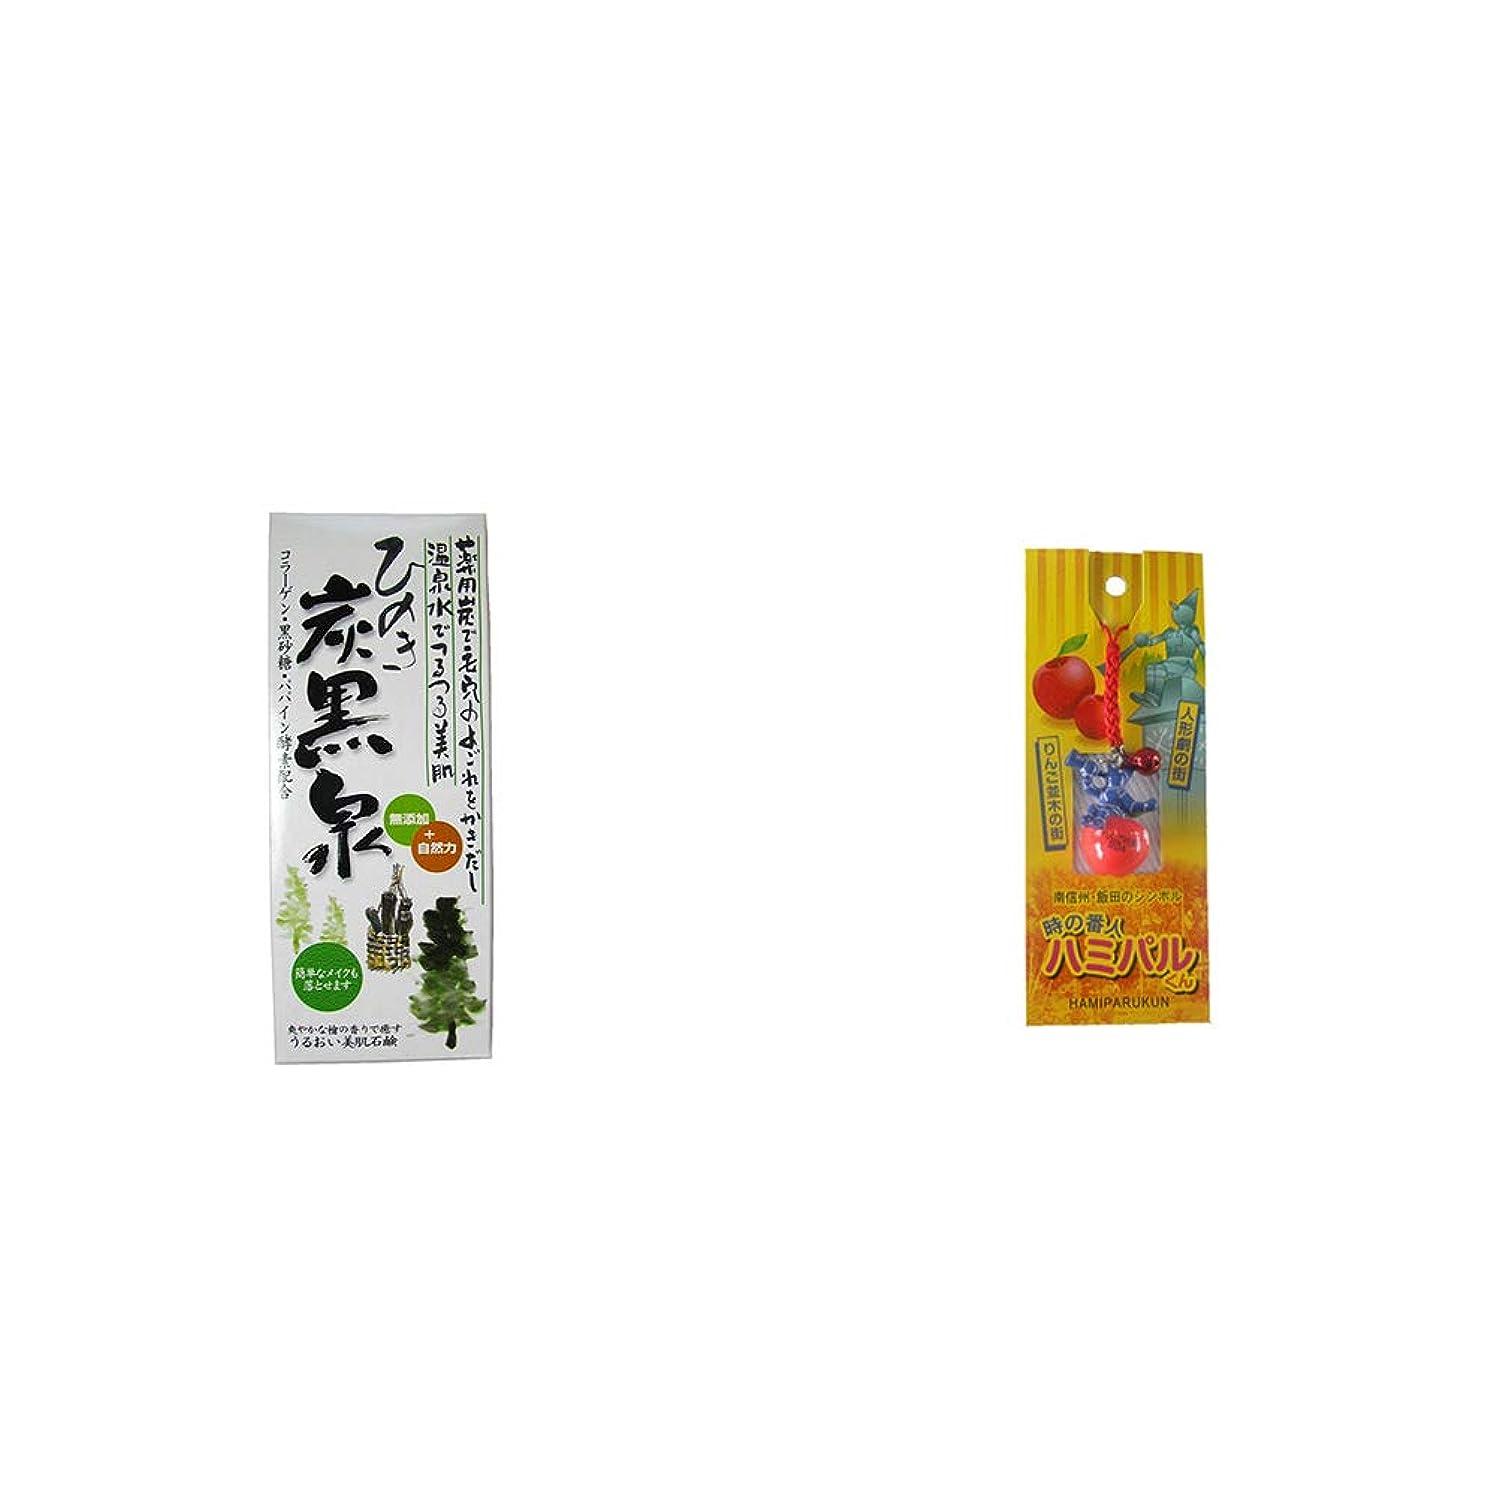 カートリッジいつか製造[2点セット] ひのき炭黒泉 箱入り(75g×3)?信州?飯田のシンボル 時の番人ハミパルくんストラップ